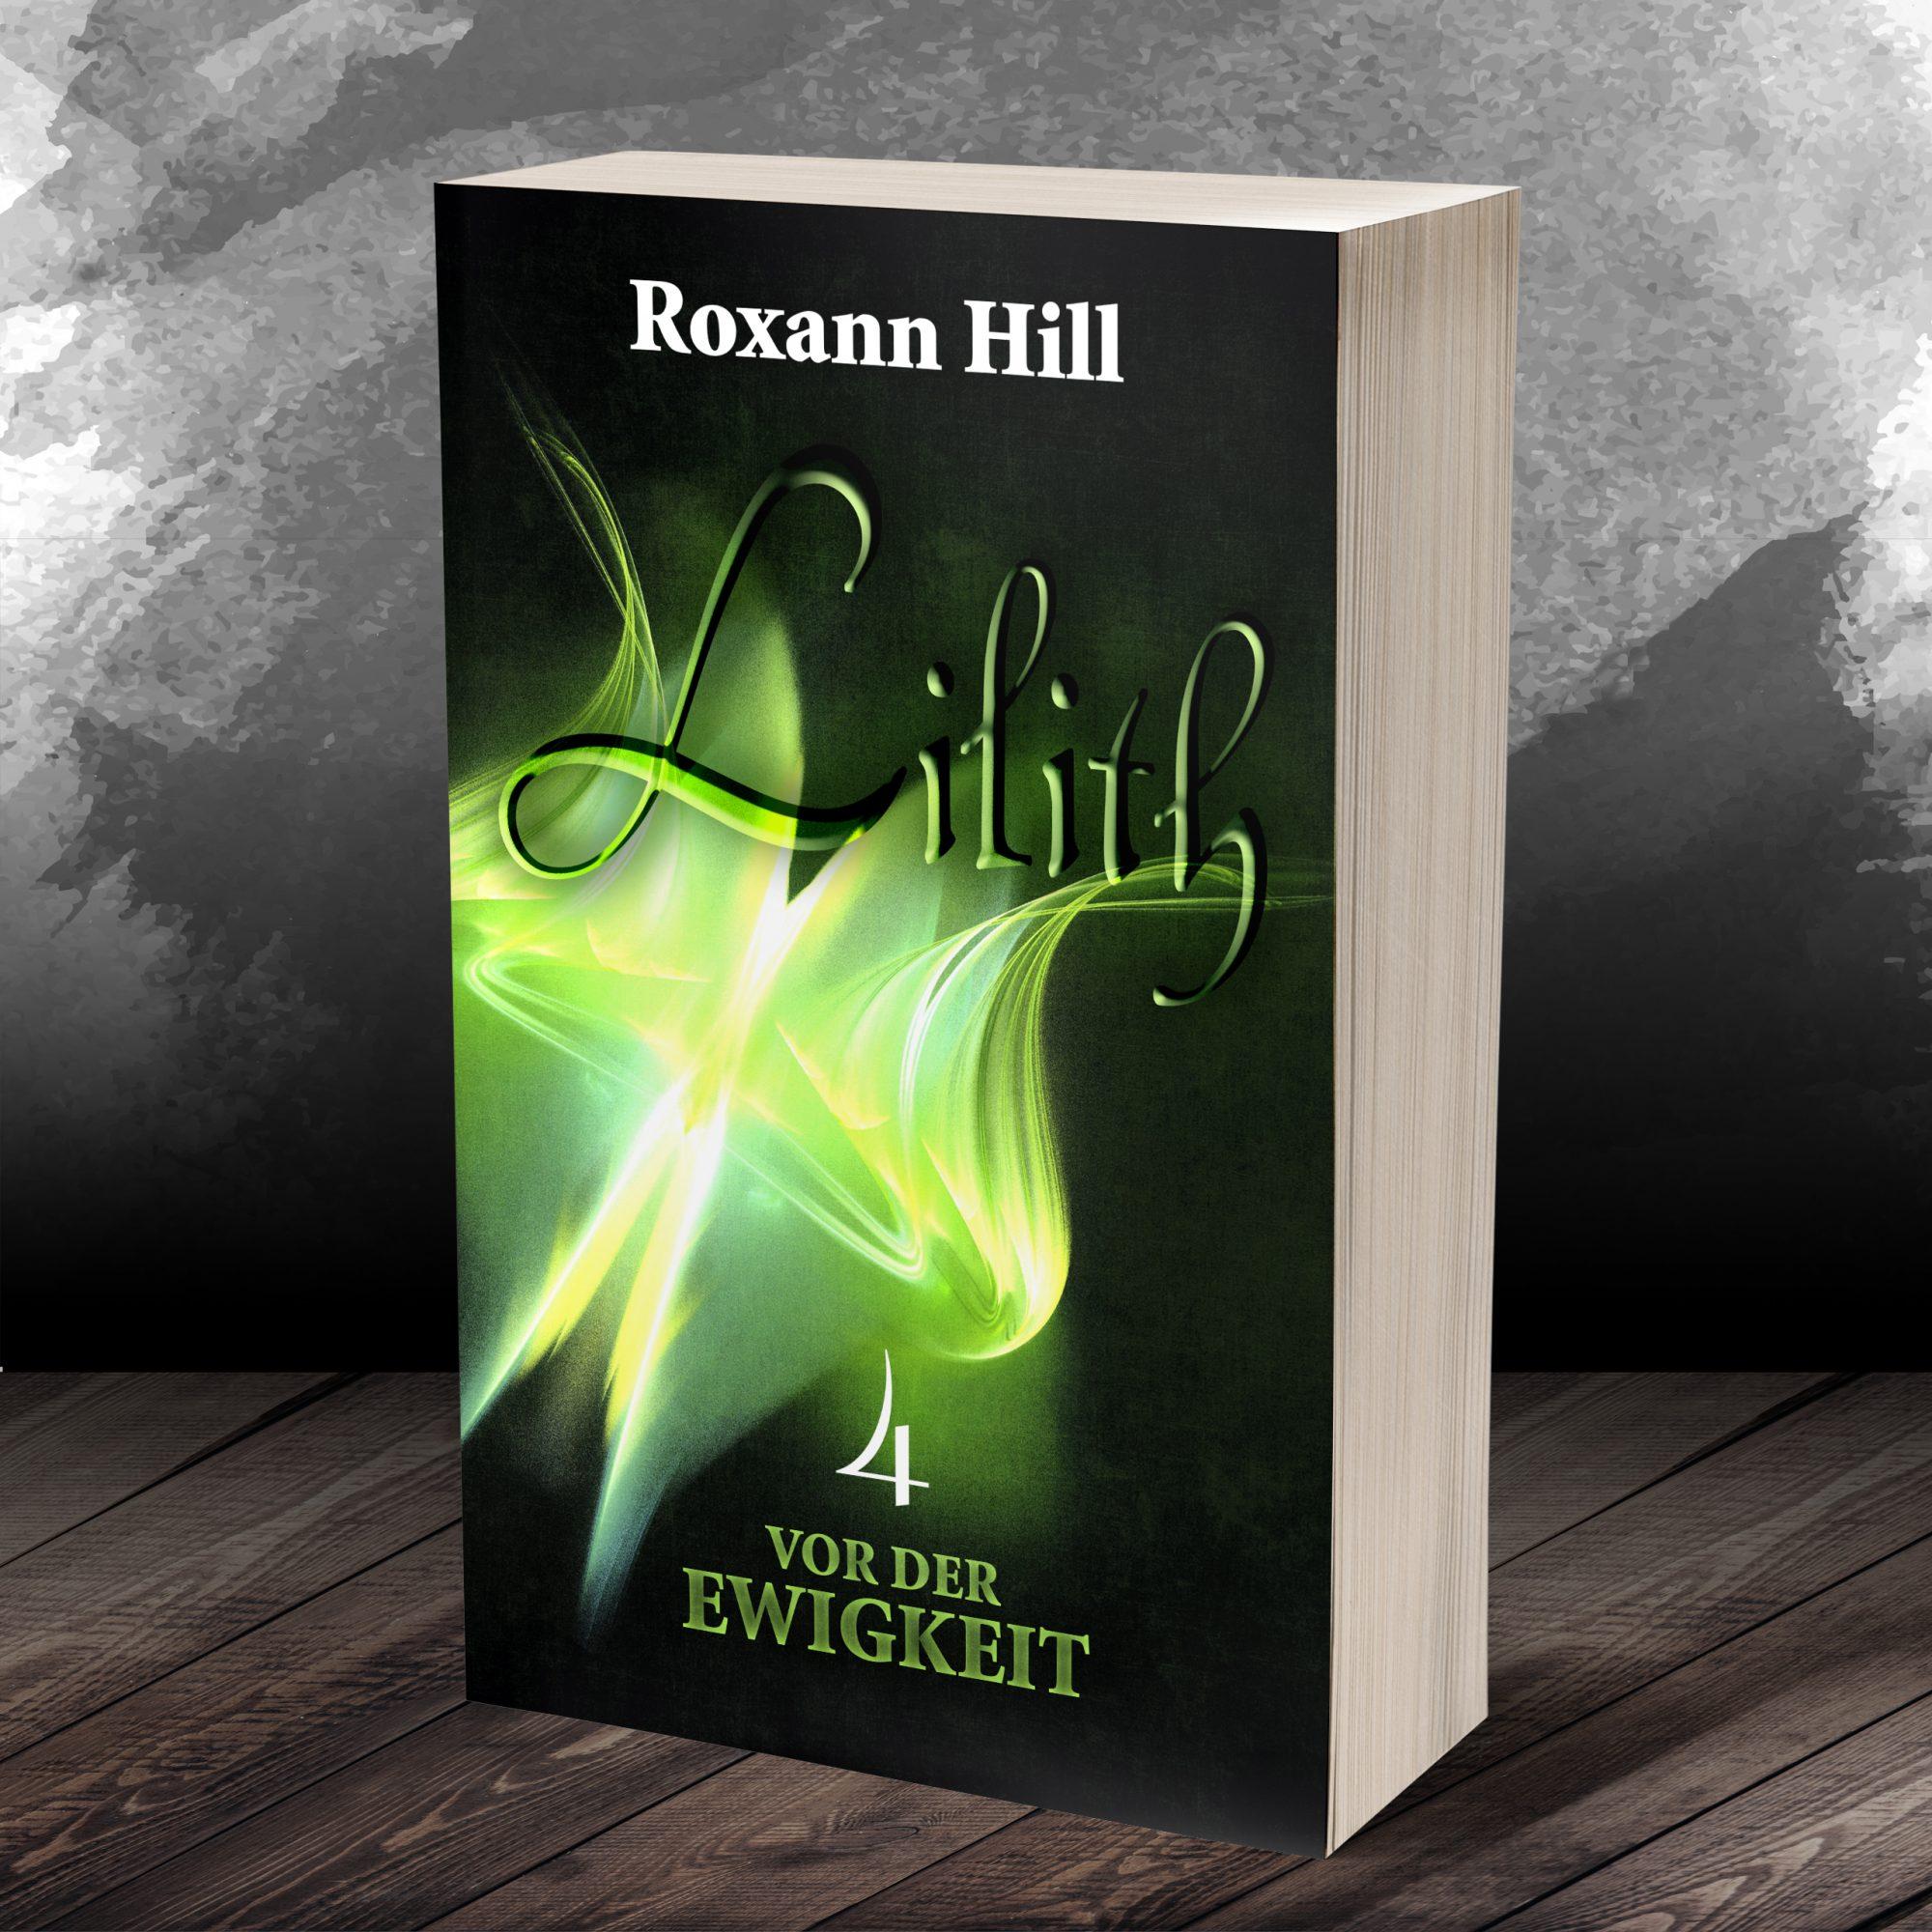 roxannhill-lilith4